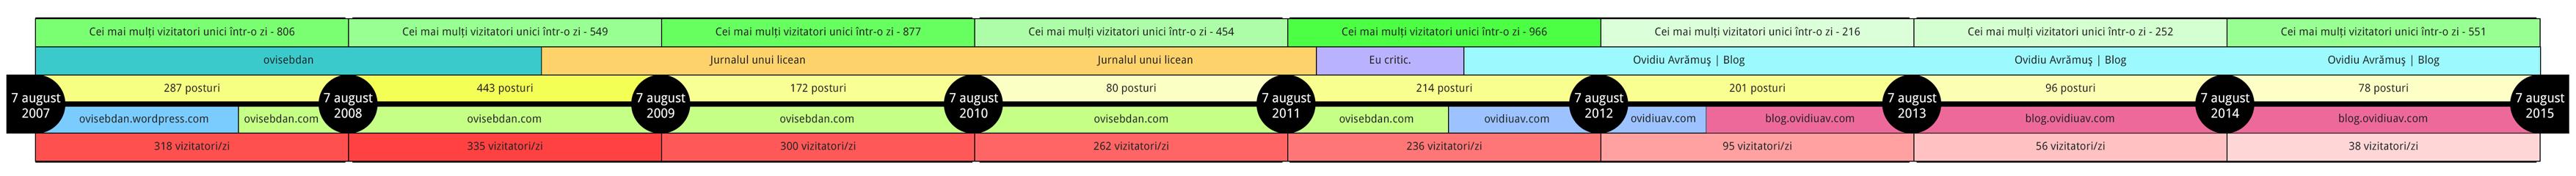 blog-timeline-2015